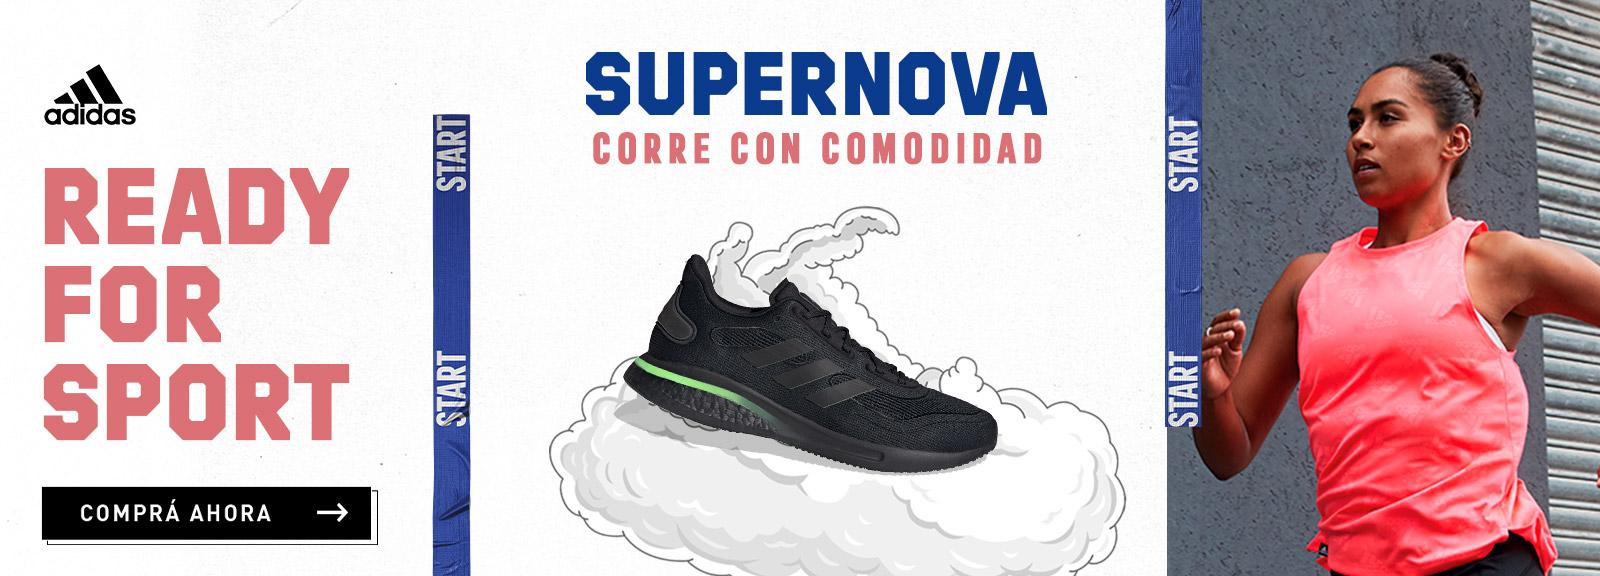 supernova sale